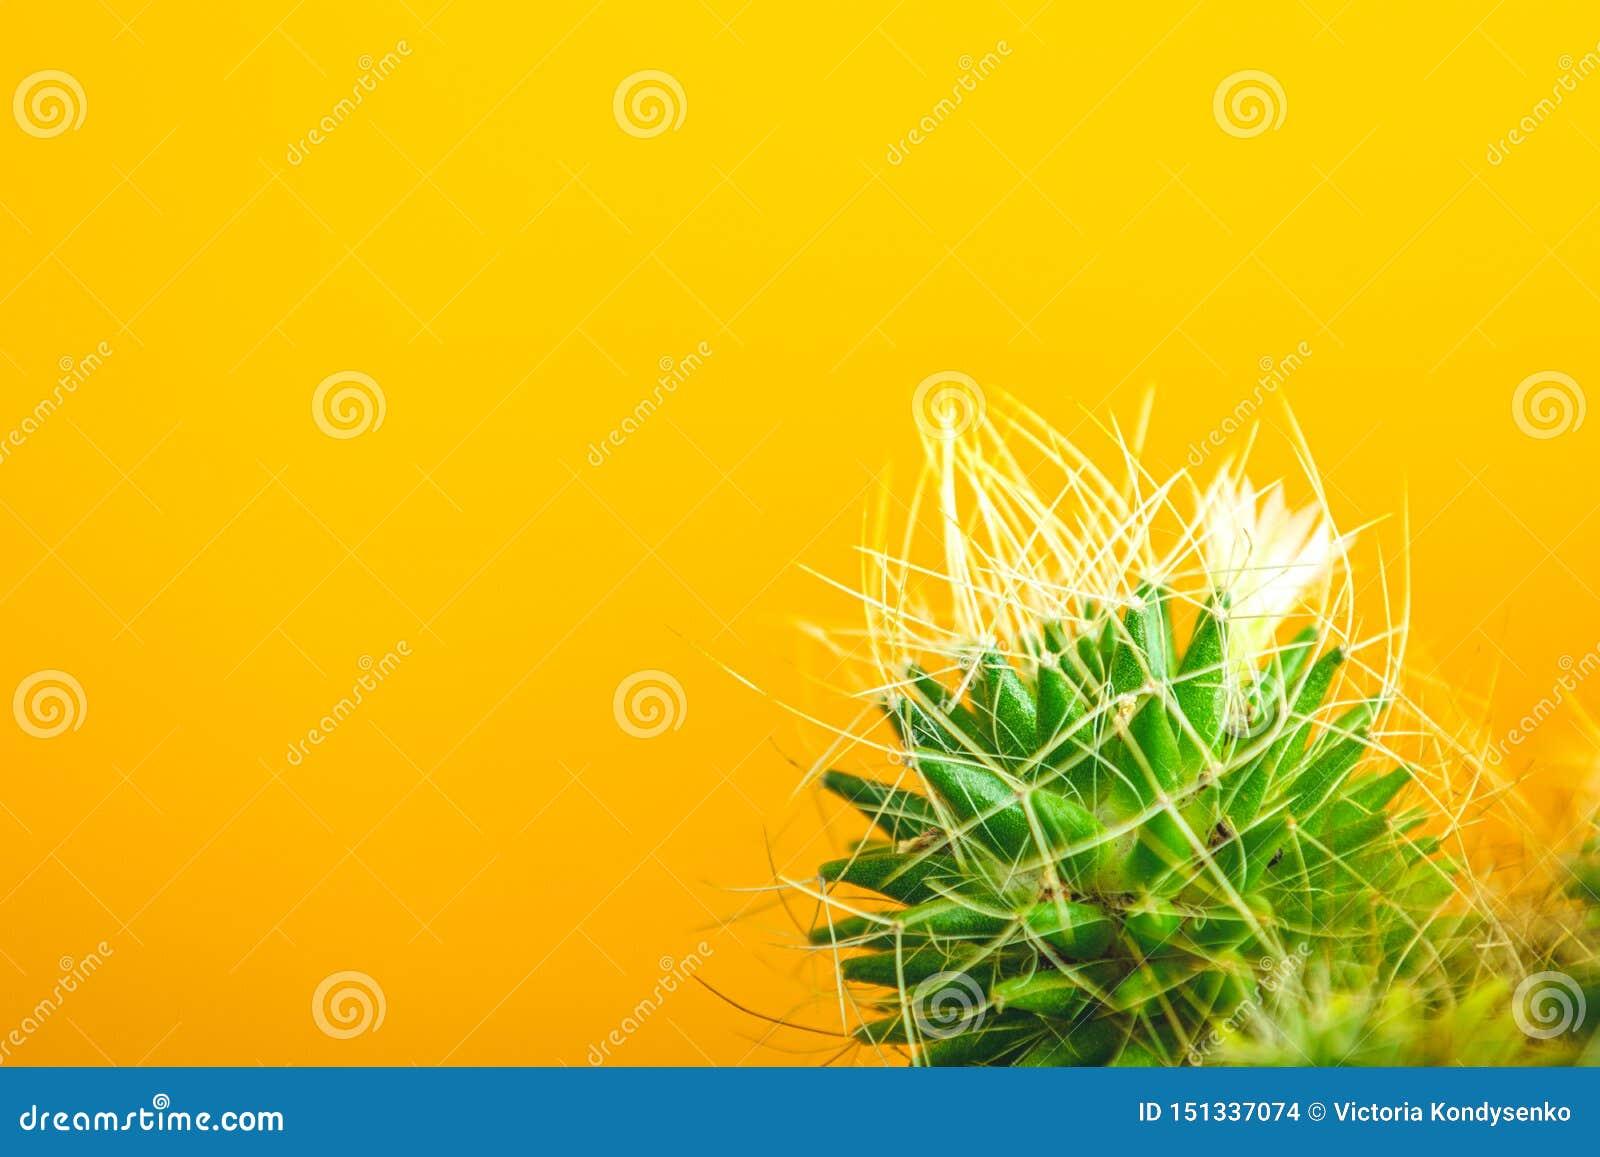 Fastställd design för tropiskt kaktusmode